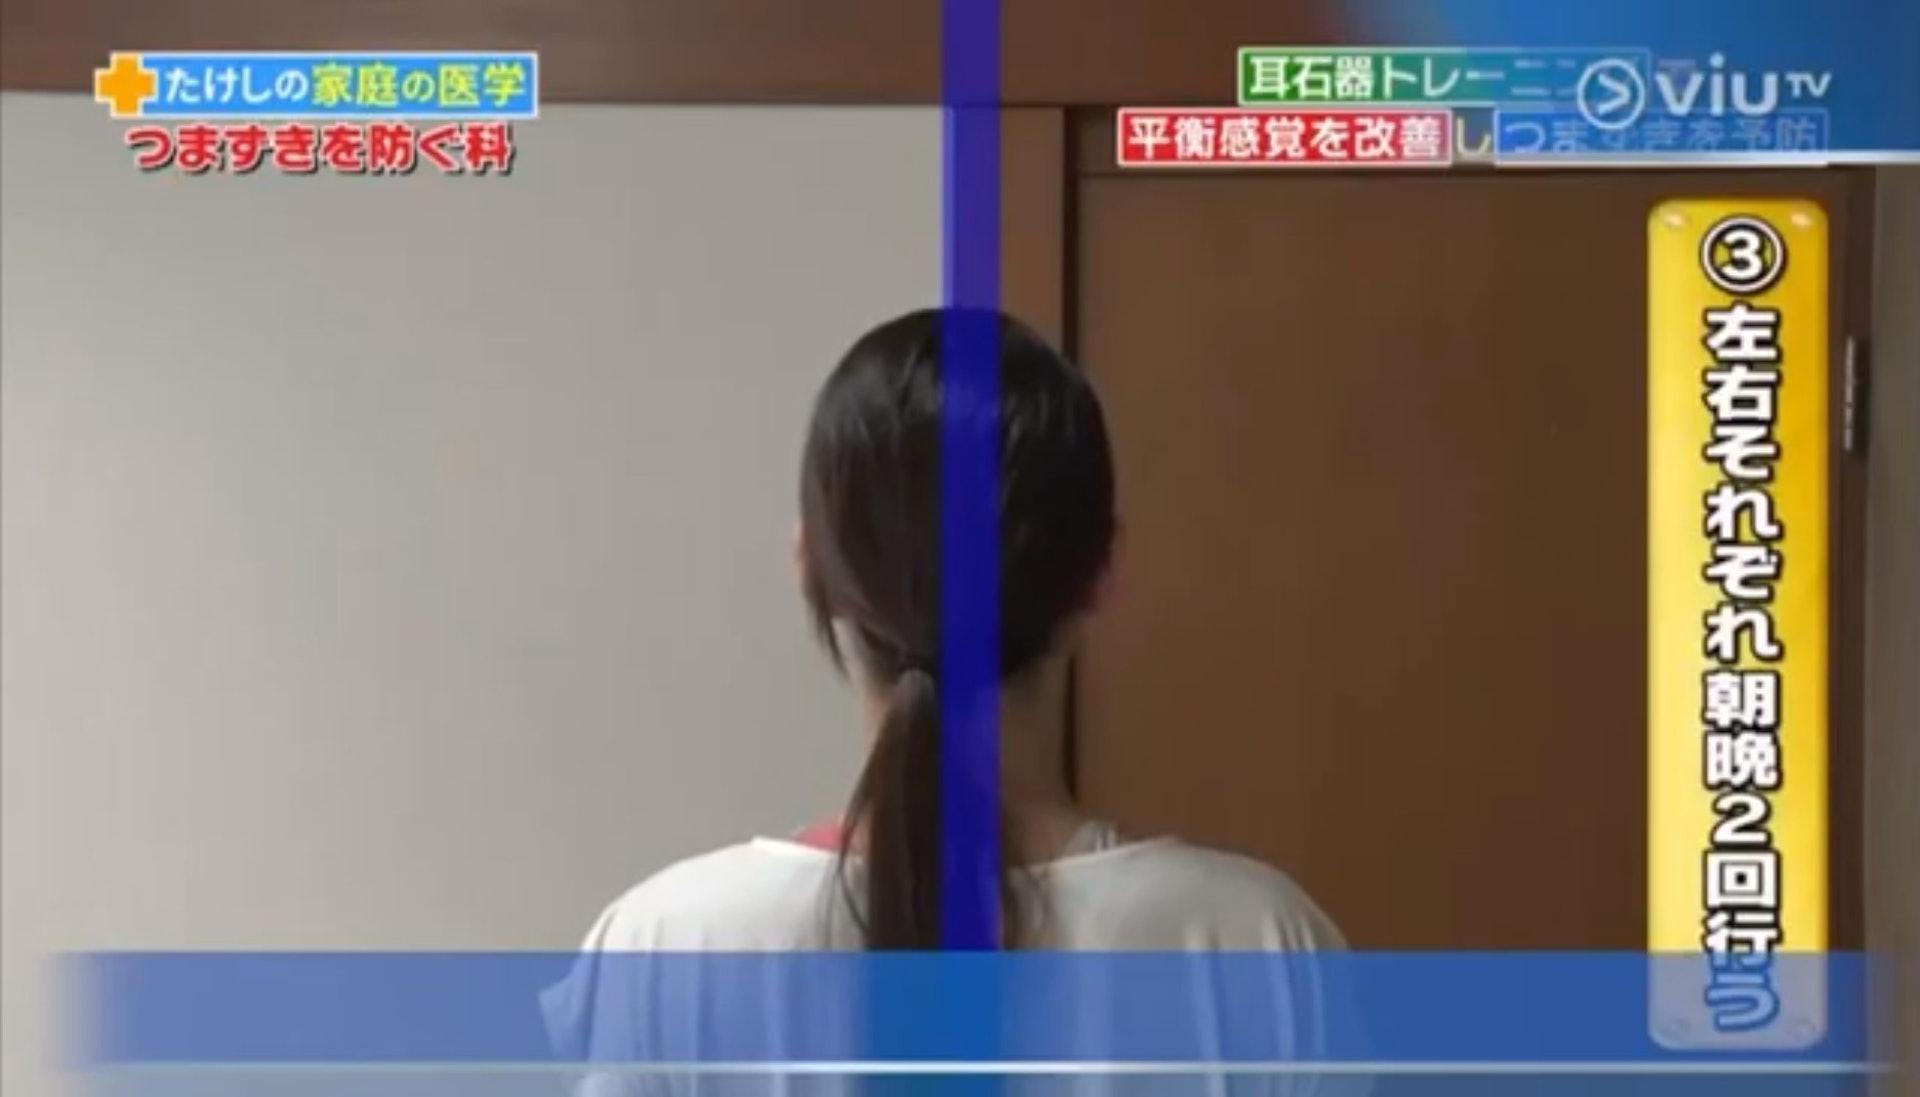 1. 找一條連接地面的直線做標準,例如柱、門。(viu TV《恐怖醫學》影片截圖)